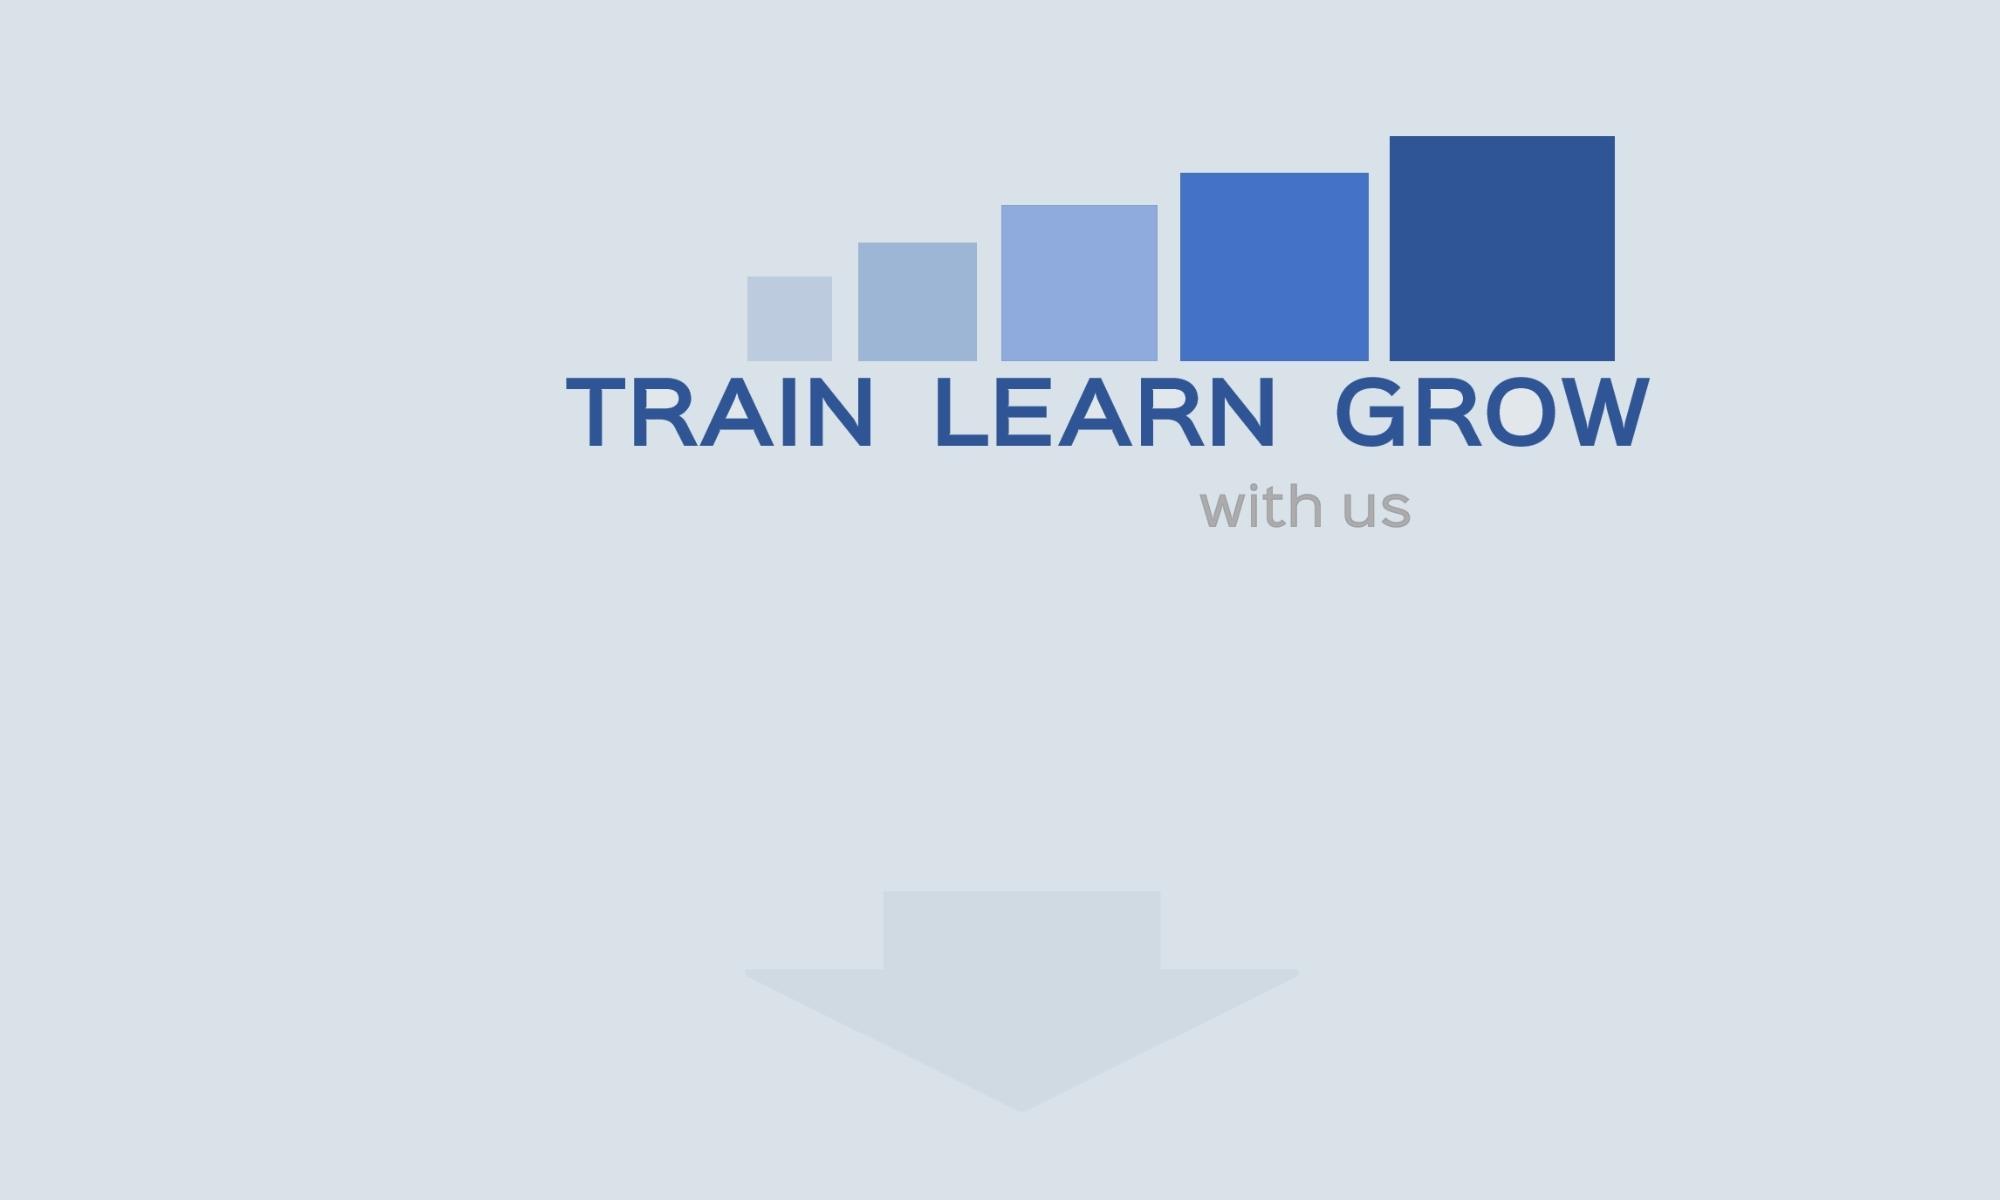 Train learn grow